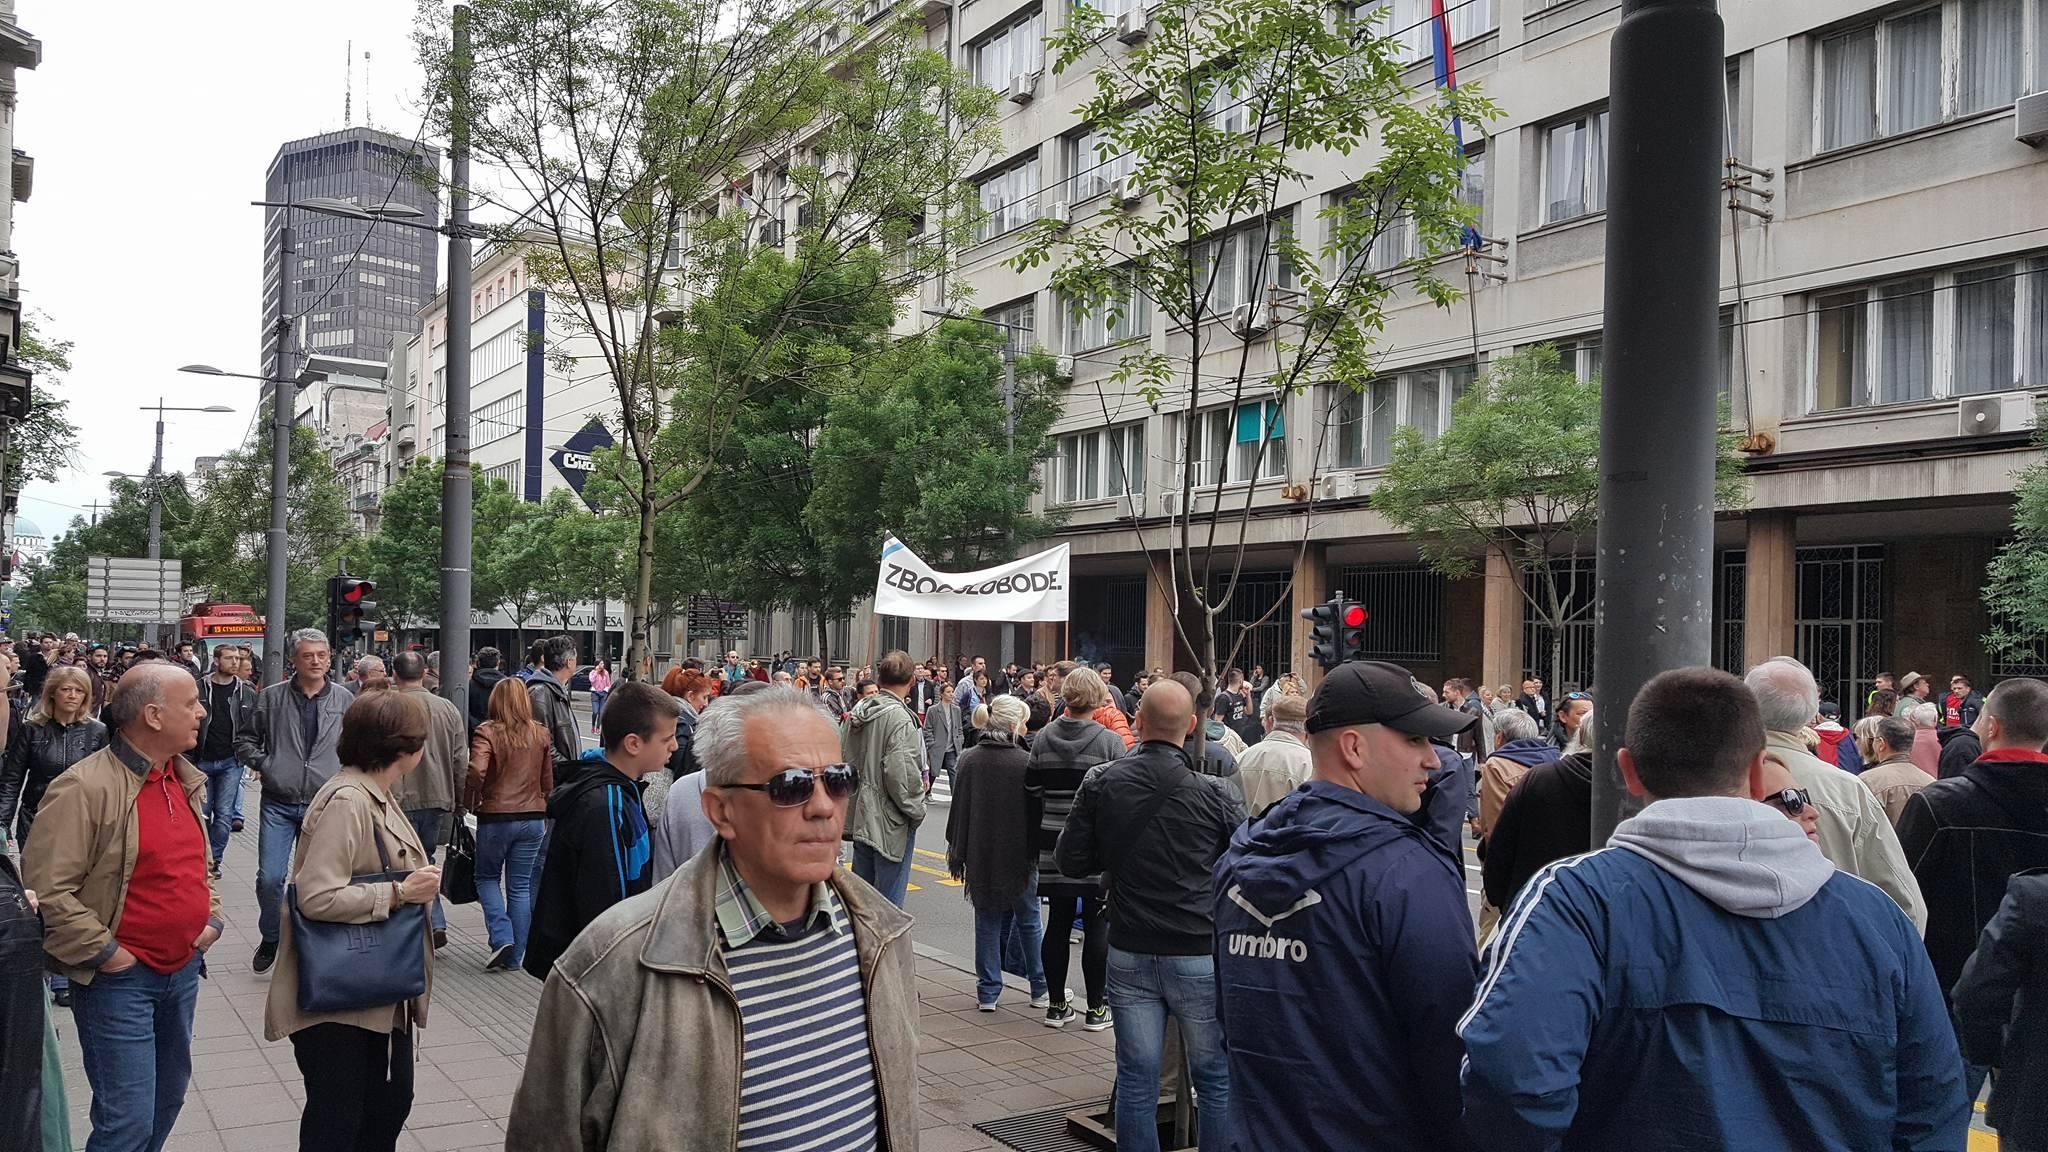 Улица краља Милана Фото: Београдске.рс